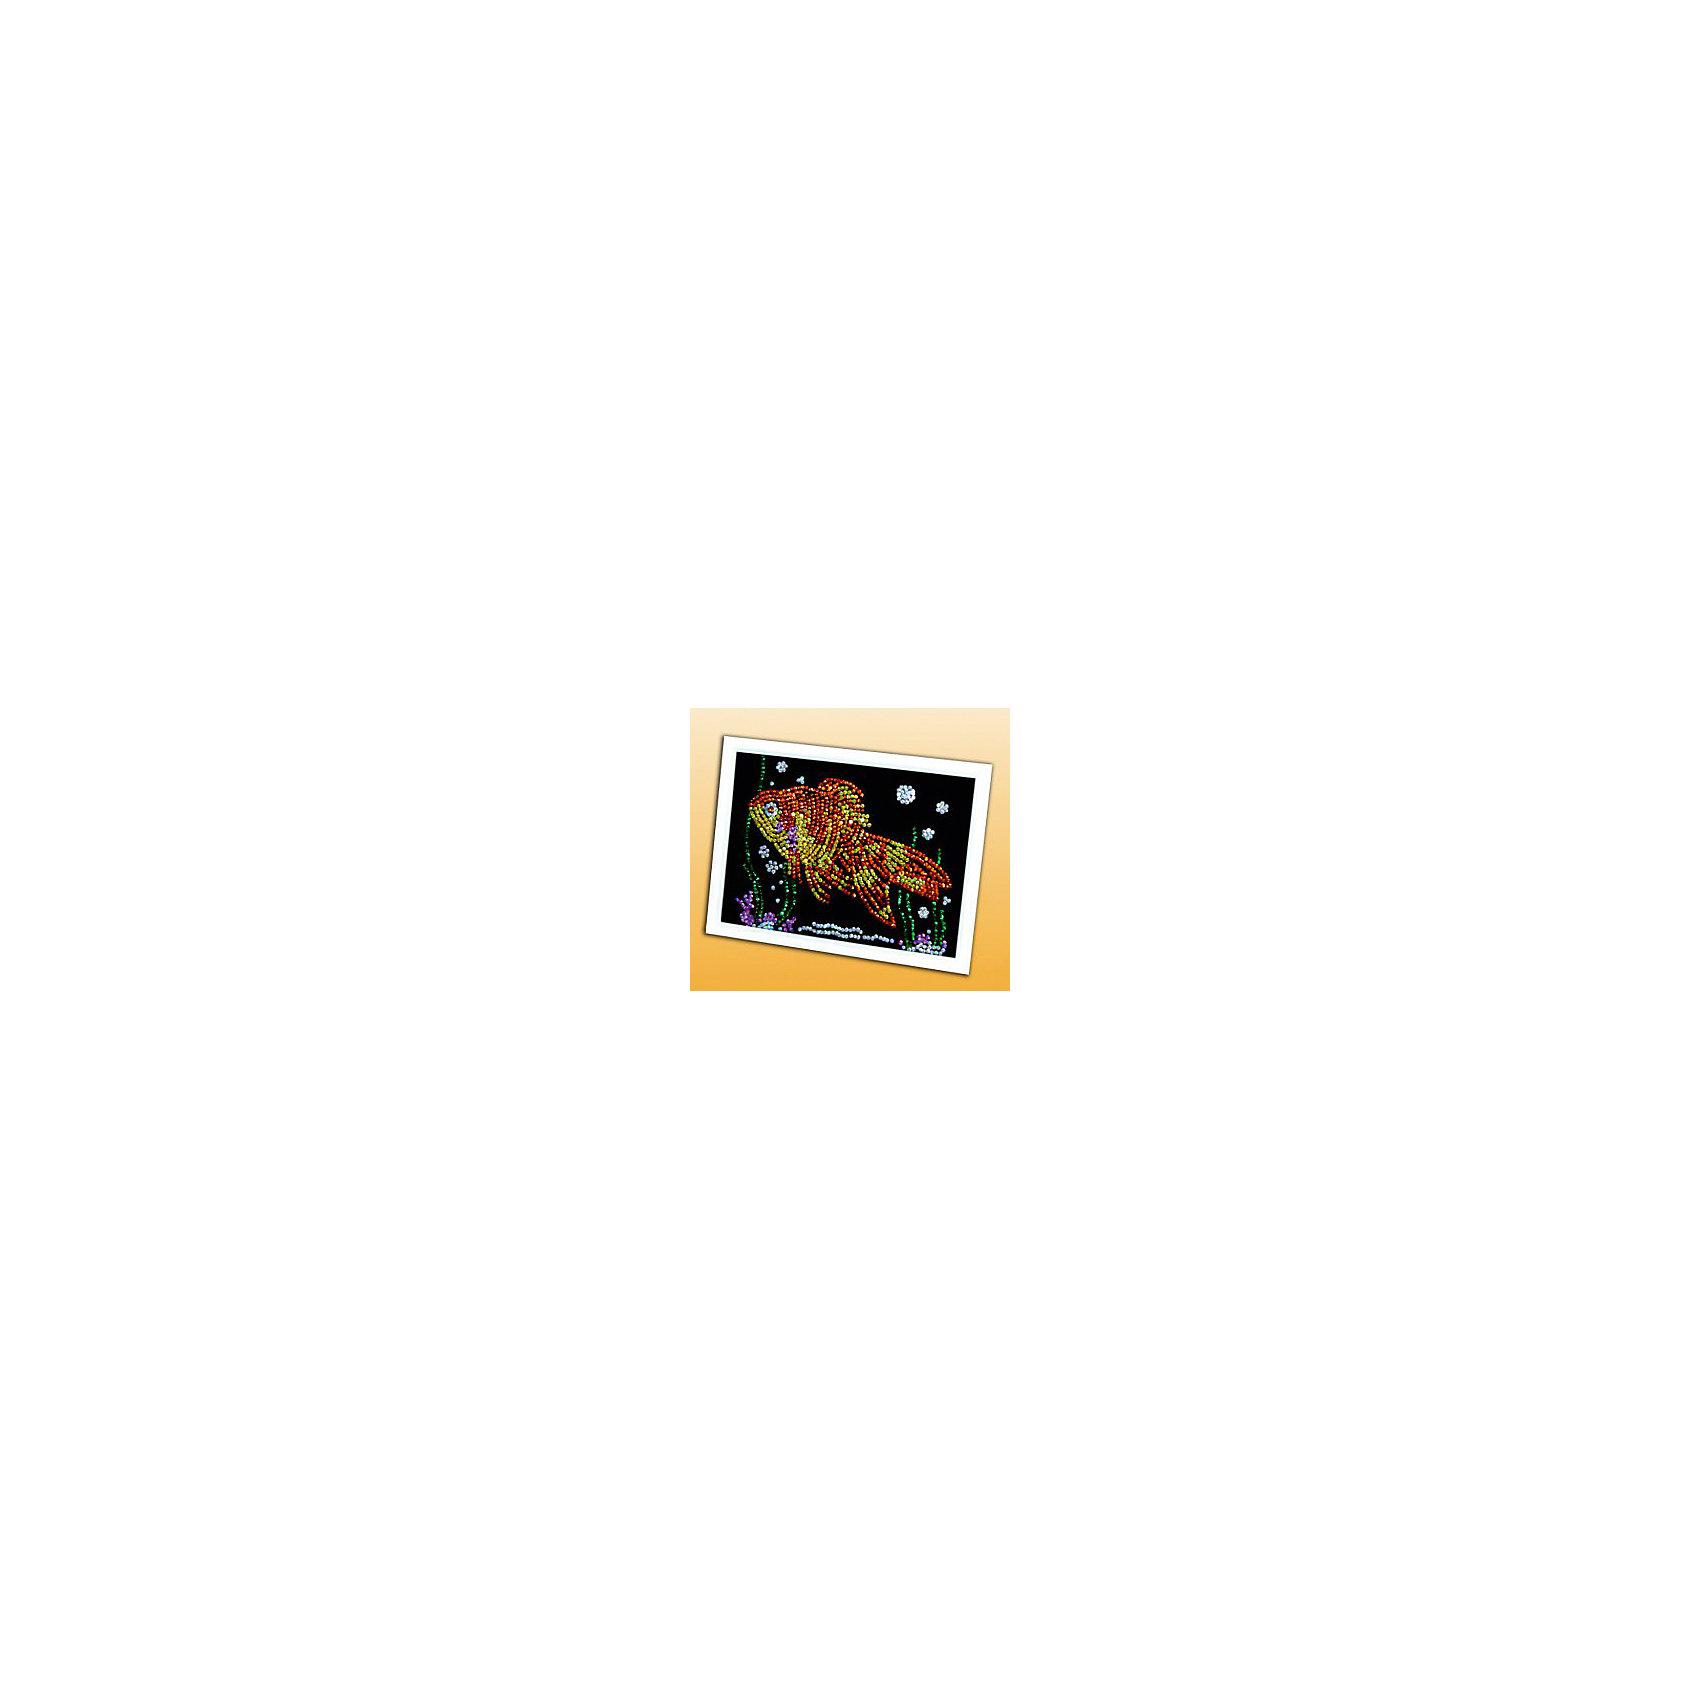 Мозаика из пайеток Золотая рыбкаНабор для детского творчества «Мозайка из пайеток» дарит возможность составить рисунок с бабочкой из пайеток. Пайтеки – это блестка, плоская чешуйка из блестящего материала, обычно круглой или многогранной формы и с отверстием для продевания нитки. Пайетка может иметь различную окраску. <br>Набор способствует развитию фантазии ребенка, мелкой моторики рук. Тренирует усидчивость и терпение, так как приходится работать с достаточно мелкими деталями. Подойдет как для домашних занятий творчеством так и для школьных.<br><br>Ширина мм: 375<br>Глубина мм: 34<br>Высота мм: 277<br>Вес г: 318<br>Возраст от месяцев: 36<br>Возраст до месяцев: 108<br>Пол: Унисекс<br>Возраст: Детский<br>SKU: 5075360